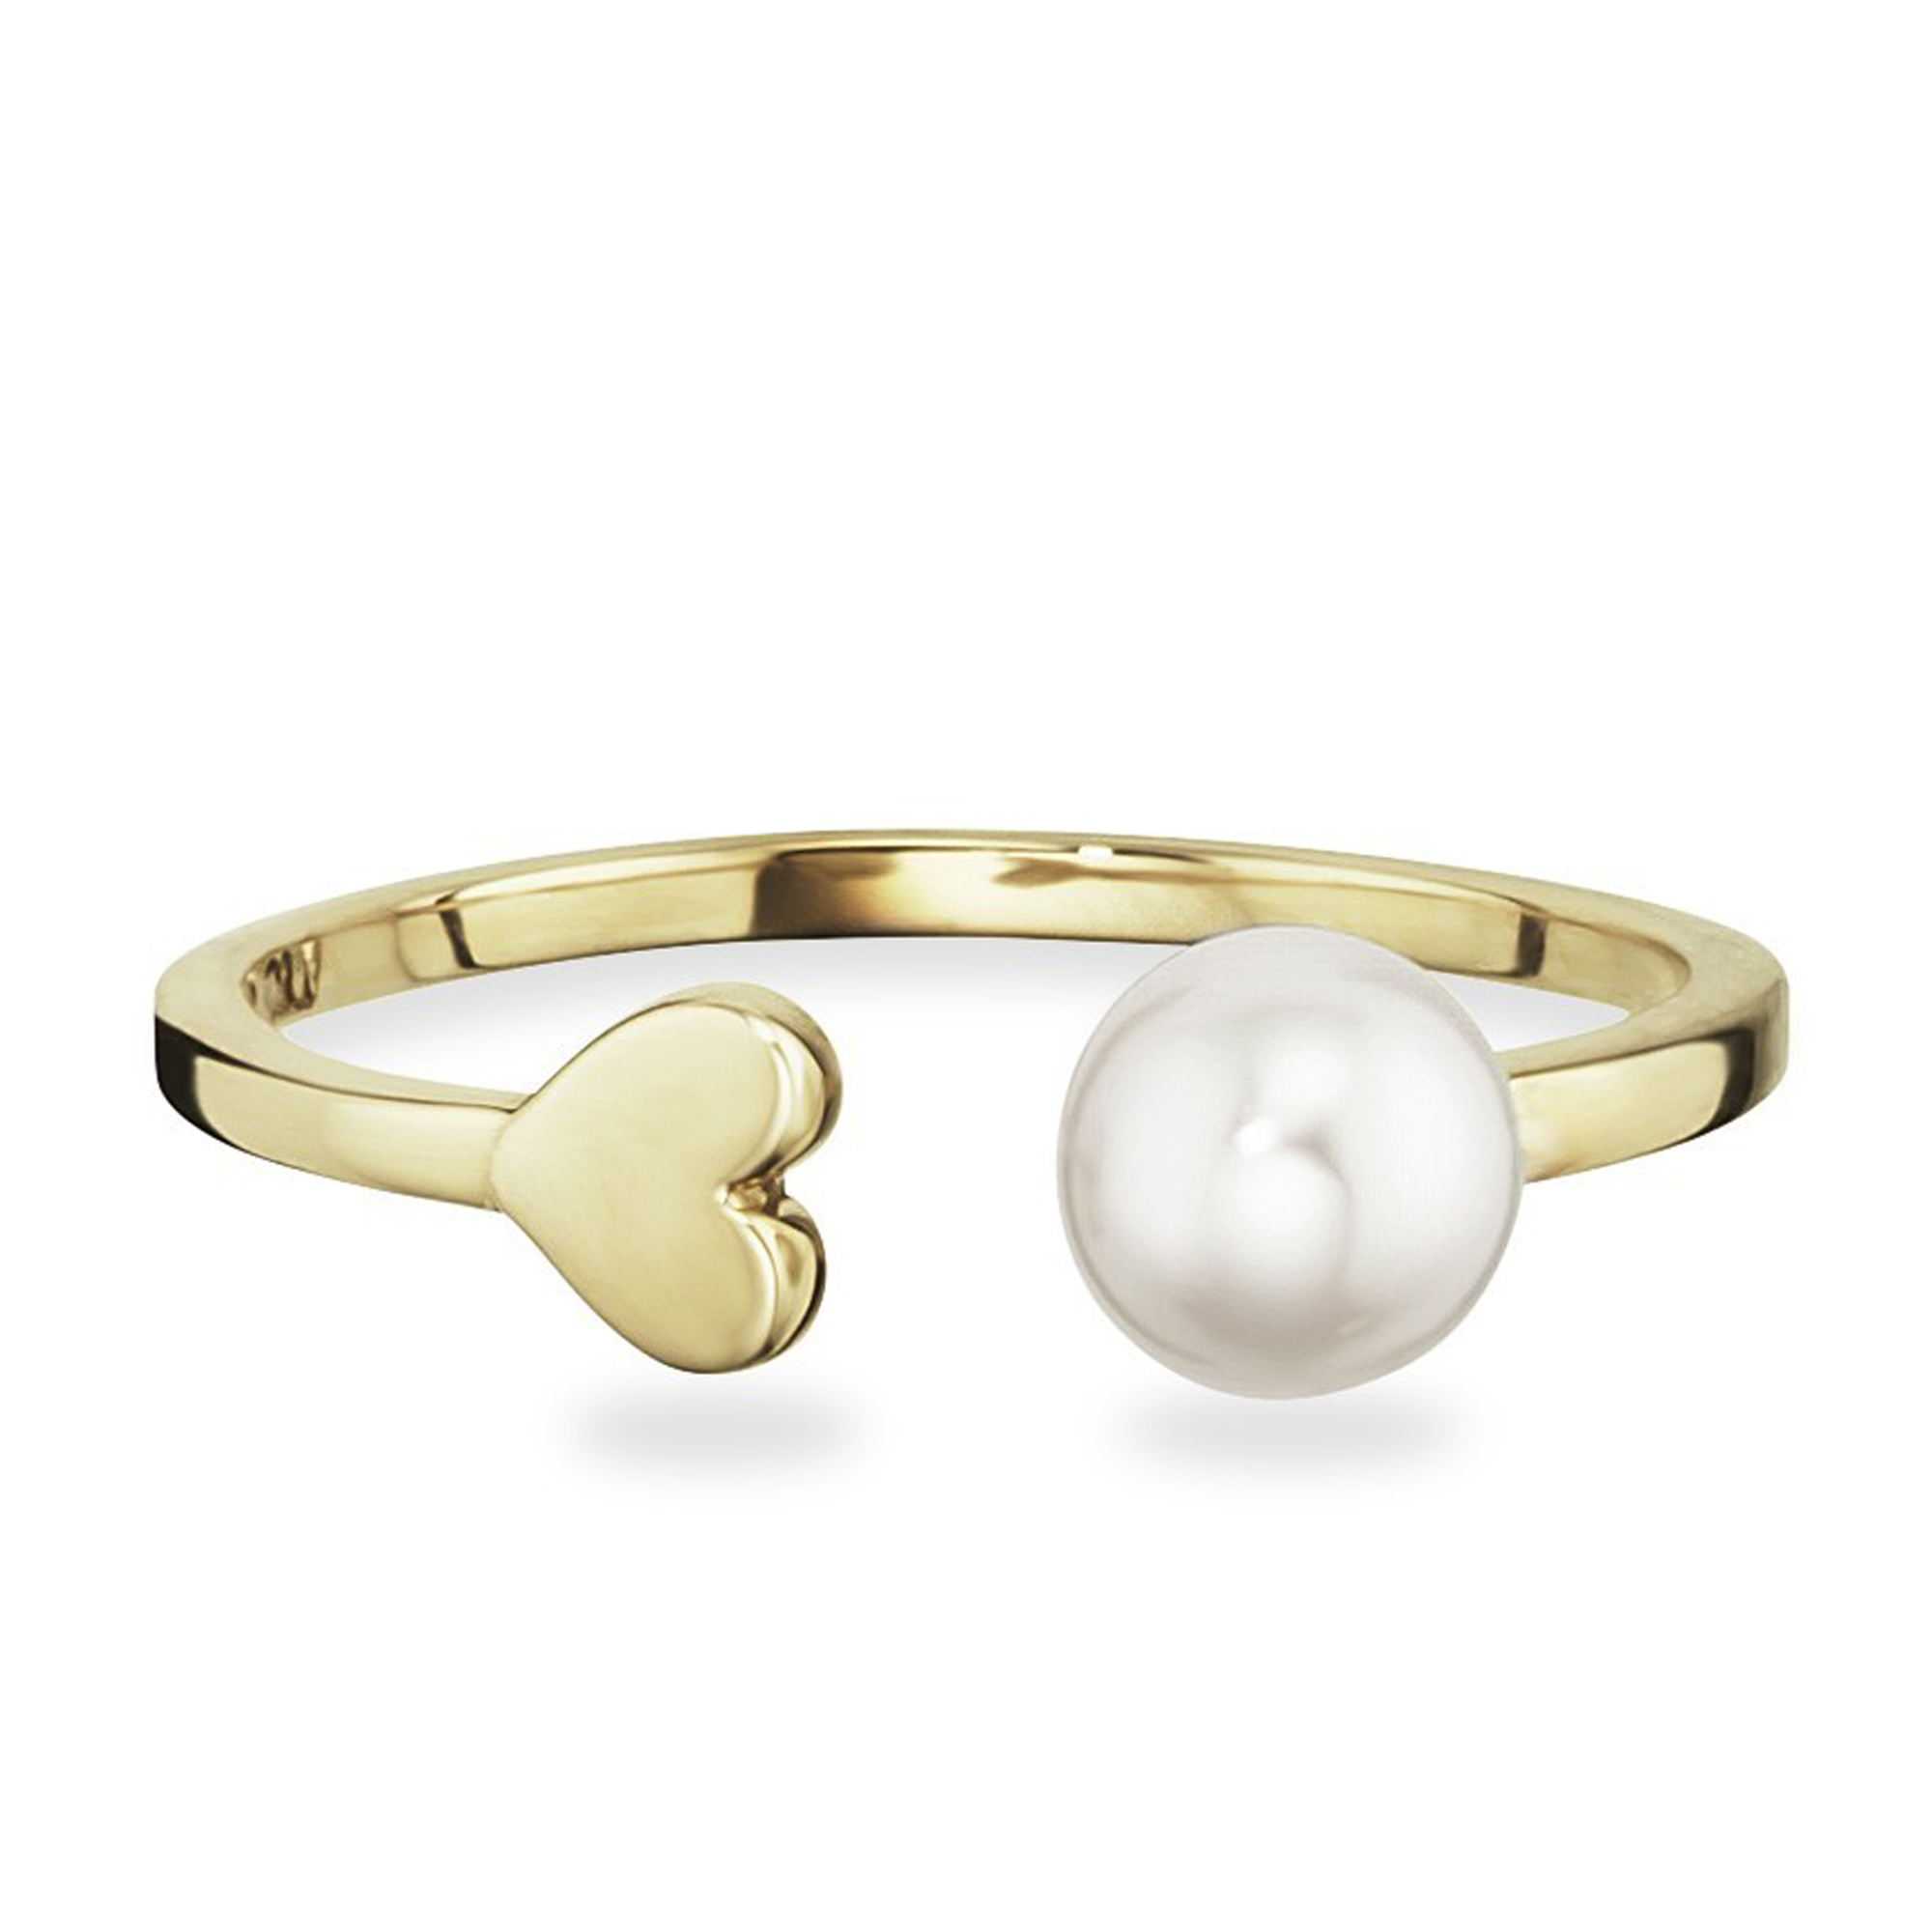 cai love Ring 925 Sterling Silber gelb vergoldet Herz geschwungen Zirkonia NEU